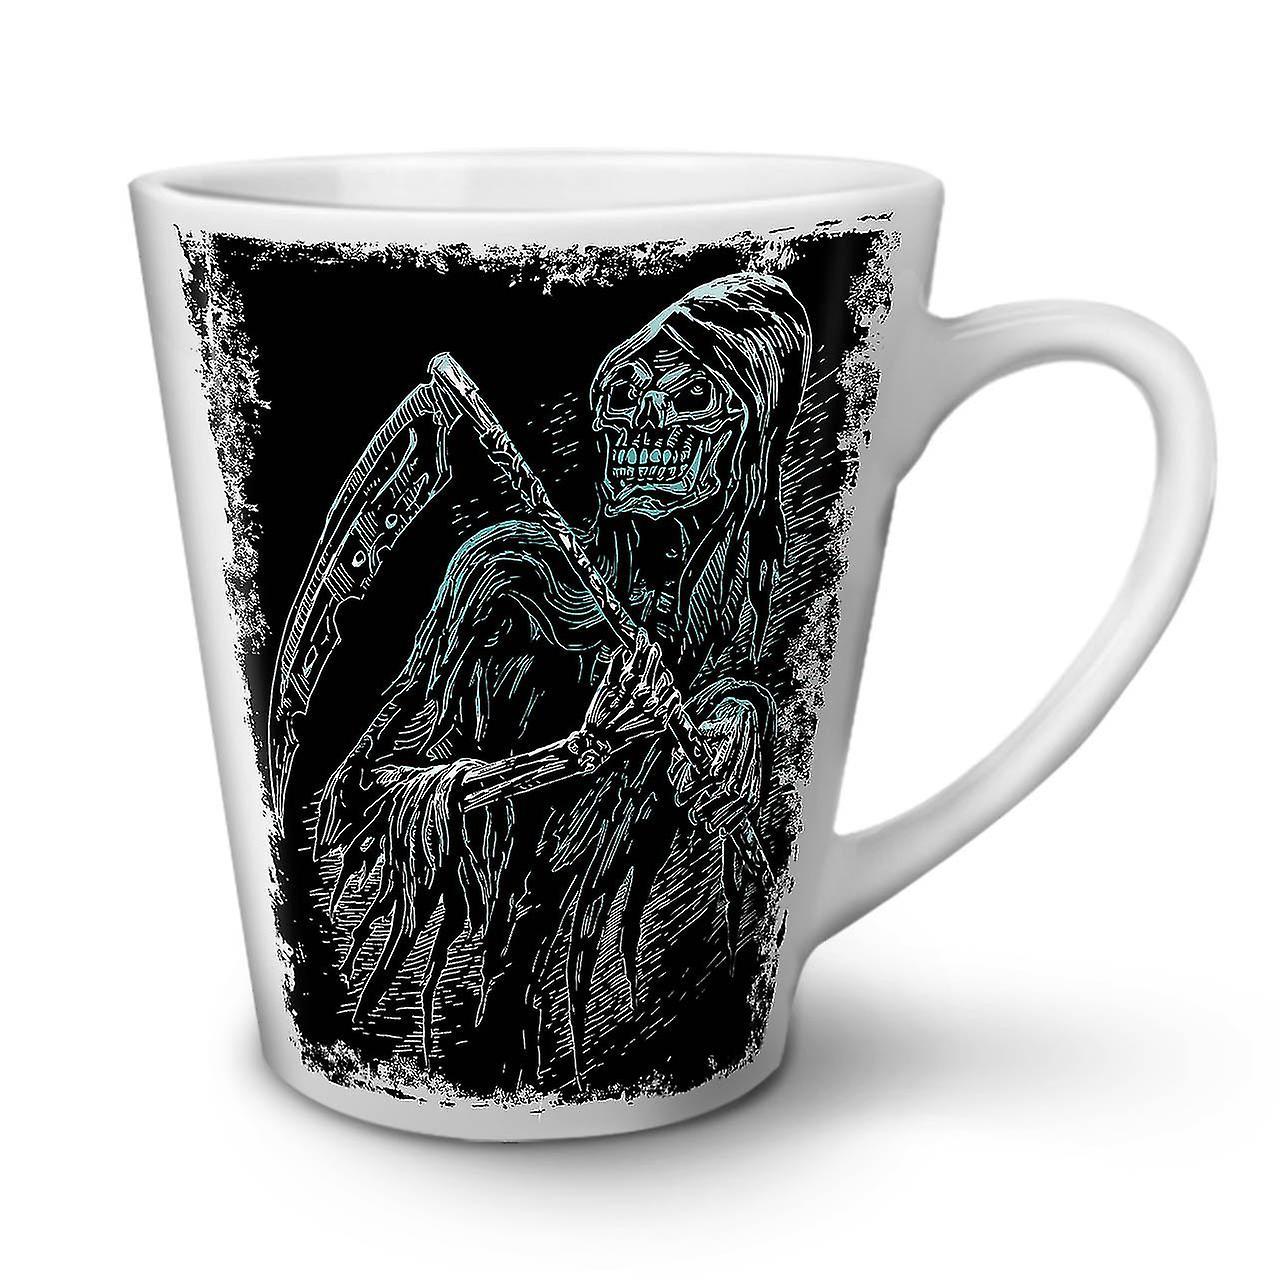 Tasse OzWellcoda Mort Café De Céramique En Blanche 12 Tueur Reaper Latte Nouvelle Ybyvf7g6